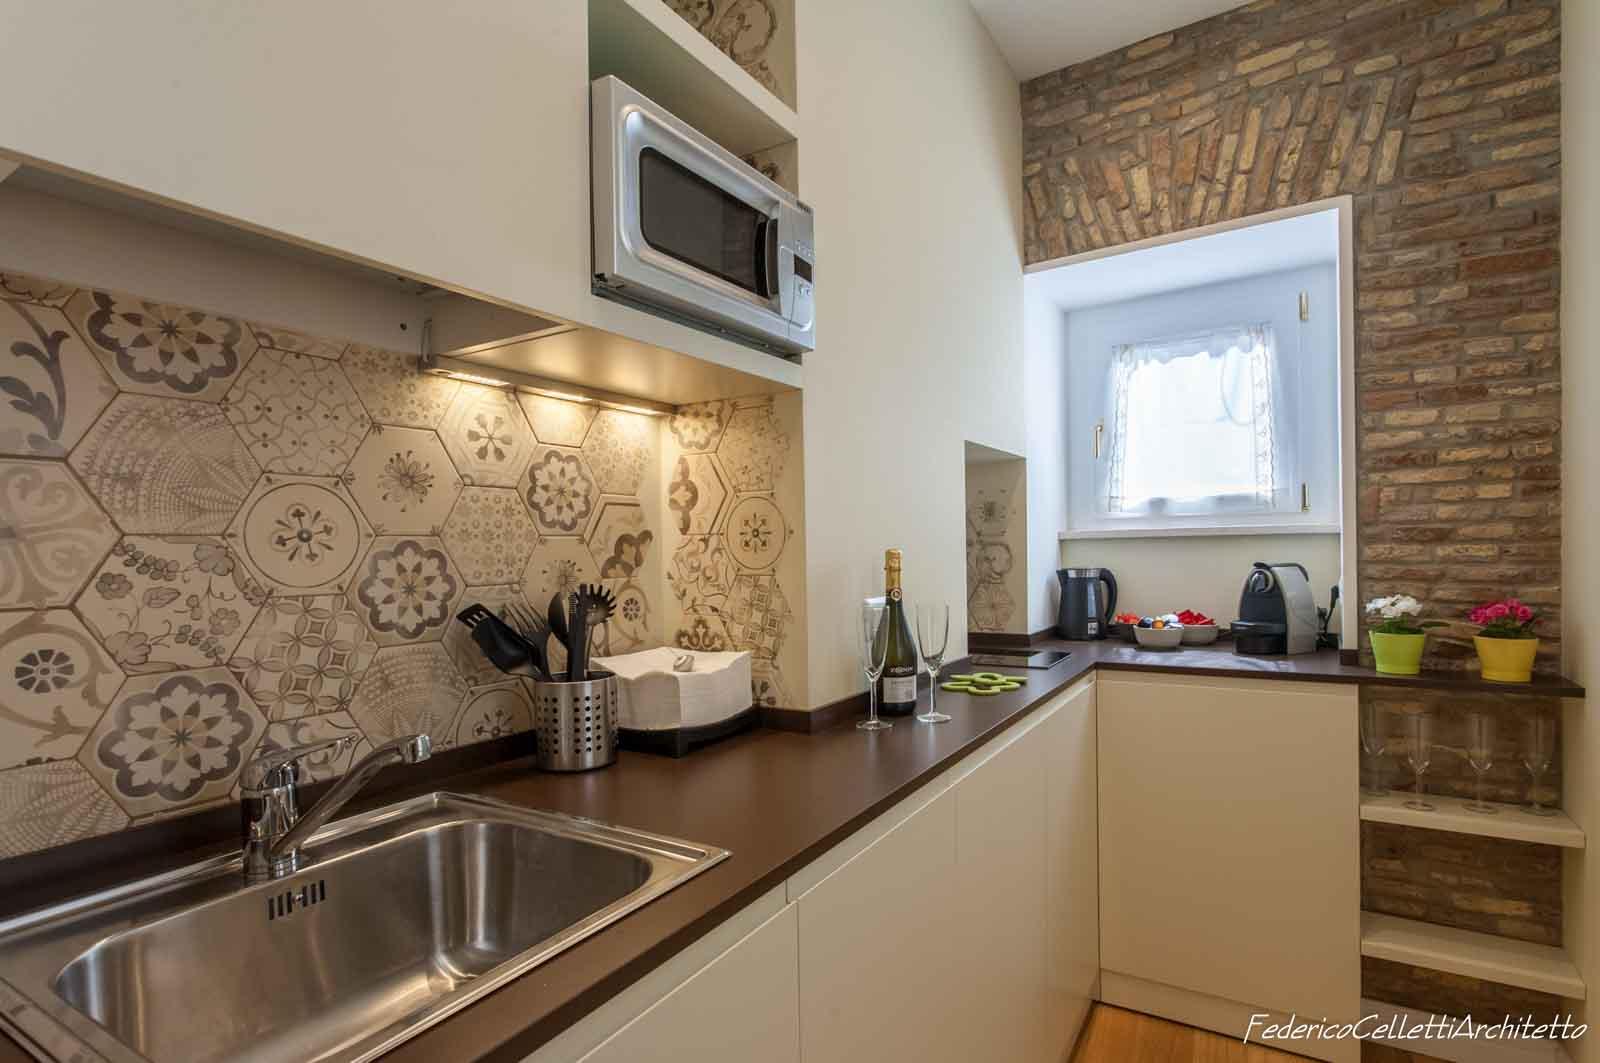 Architettura d 39 interni e ristrutturazione casa a roma for Interni e design